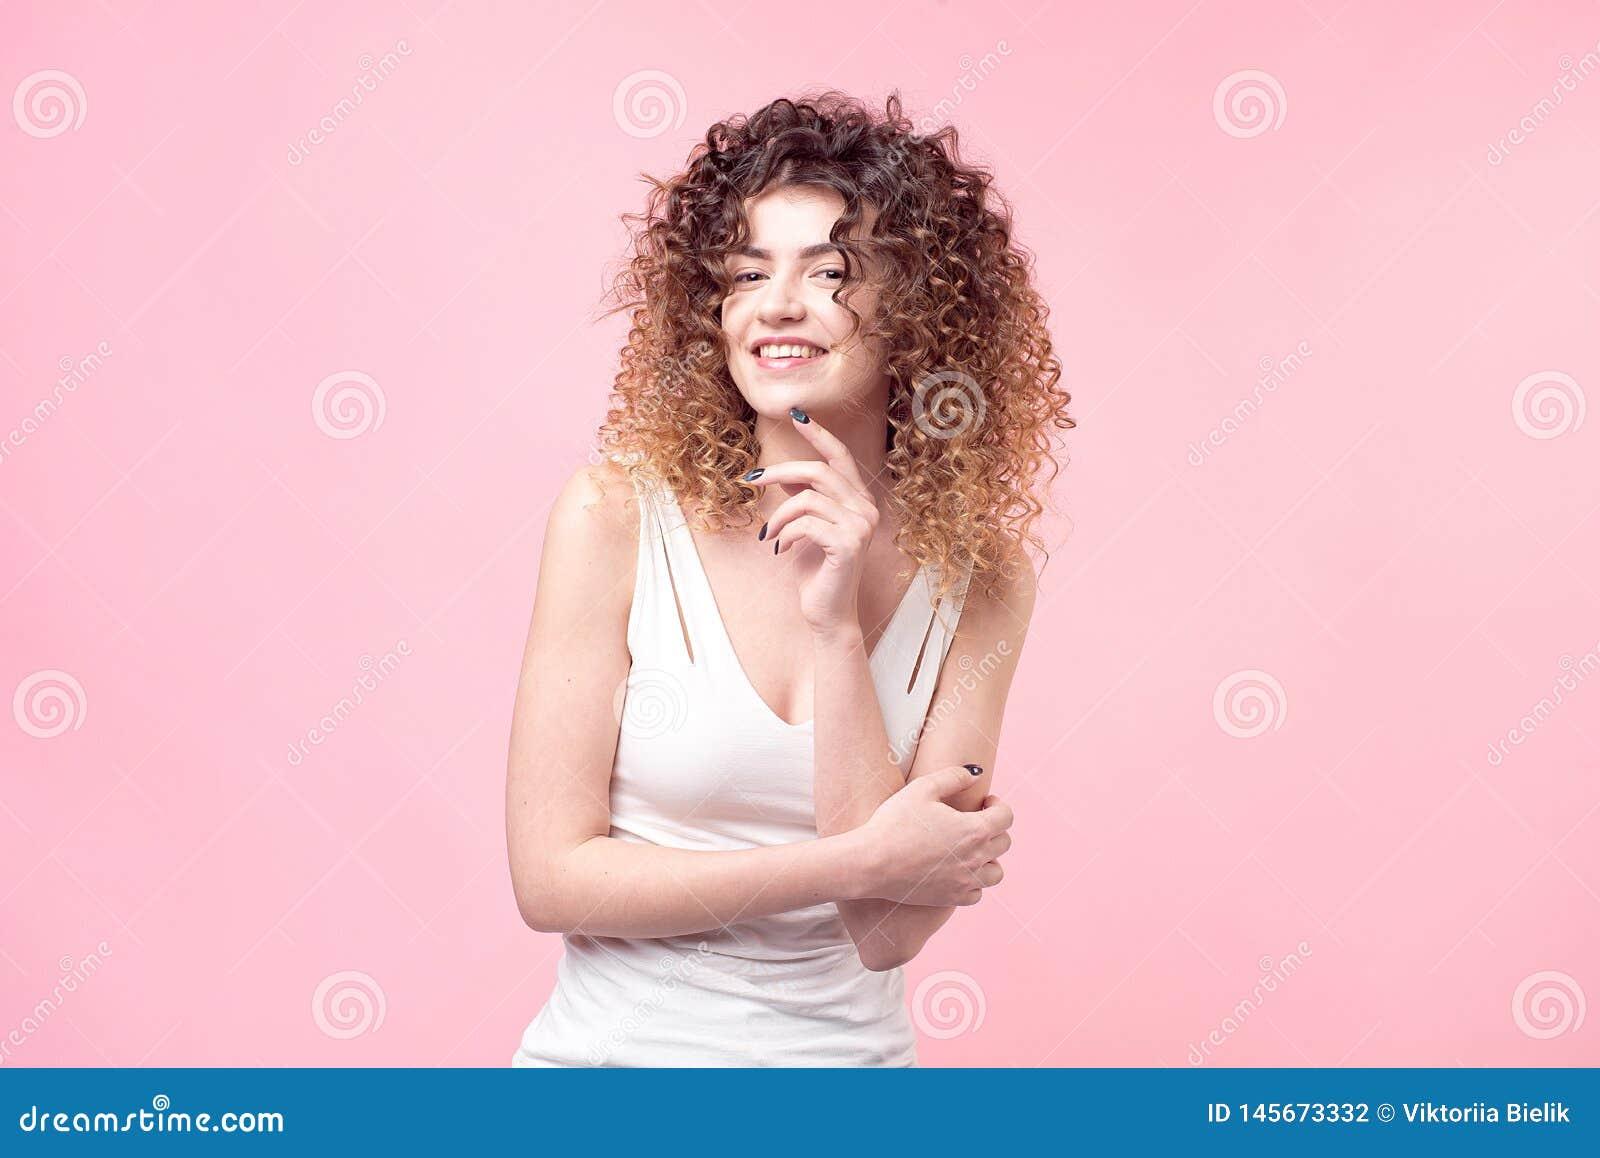 Πορτρέτο στούντιο μόδας της όμορφης χαμογελώντας γυναίκας με τις μπούκλες afro hairstyle που απομονώνεται πέρα από το ρόδινο υπόβ